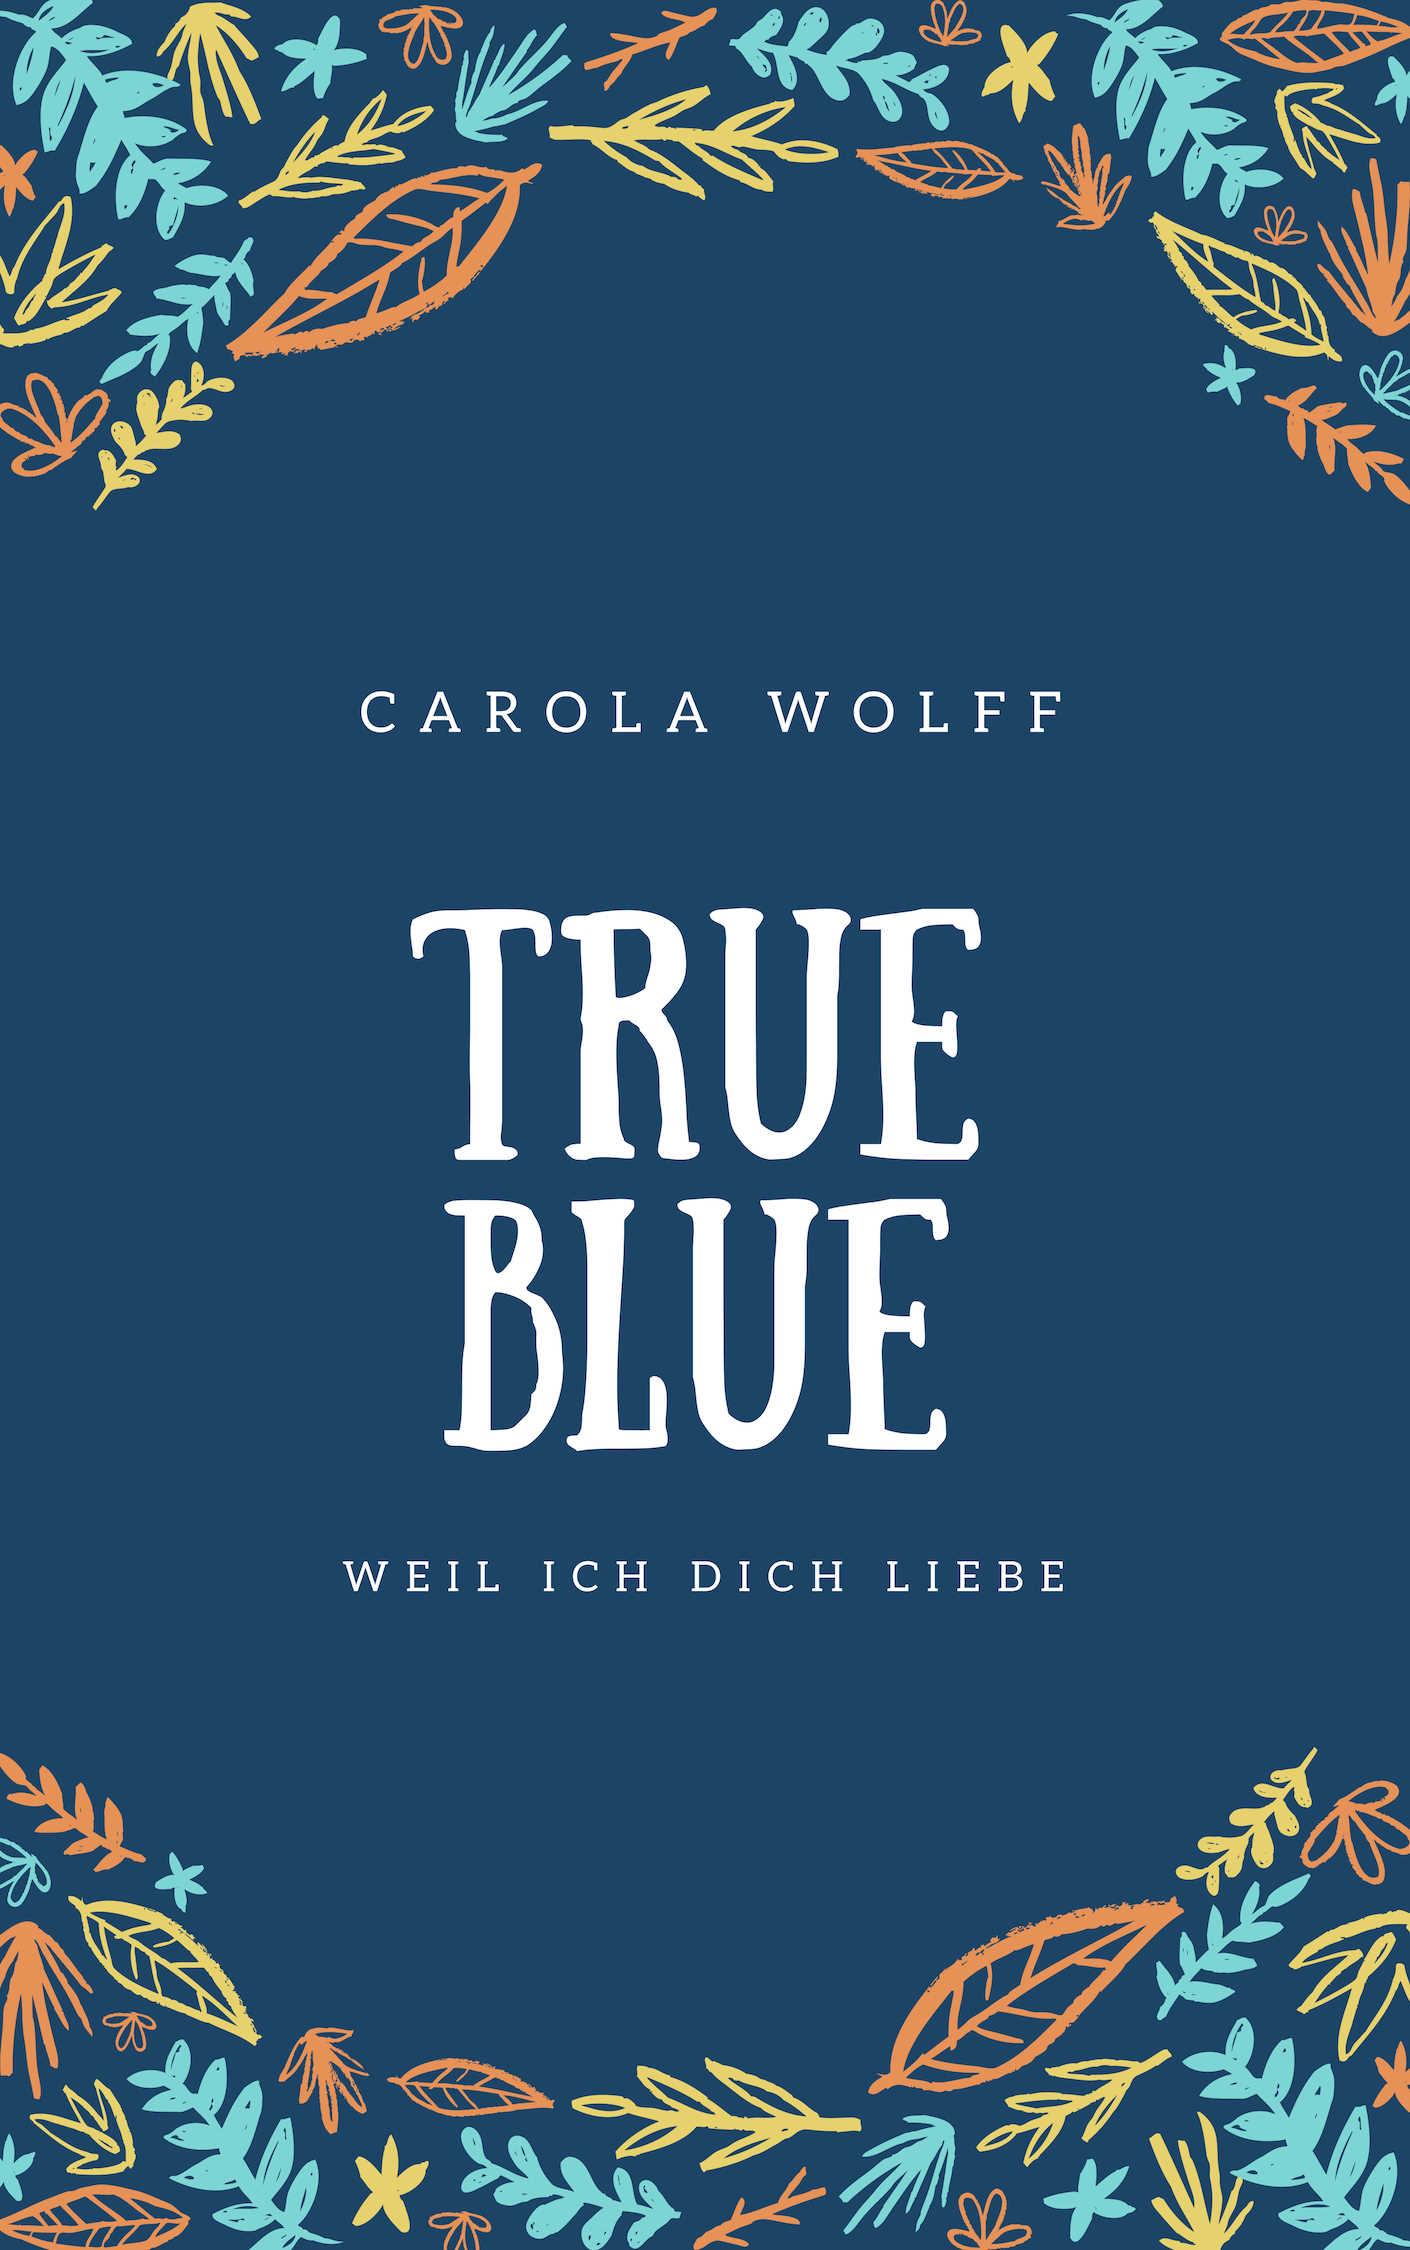 True Blue – Weil ich dich liebe